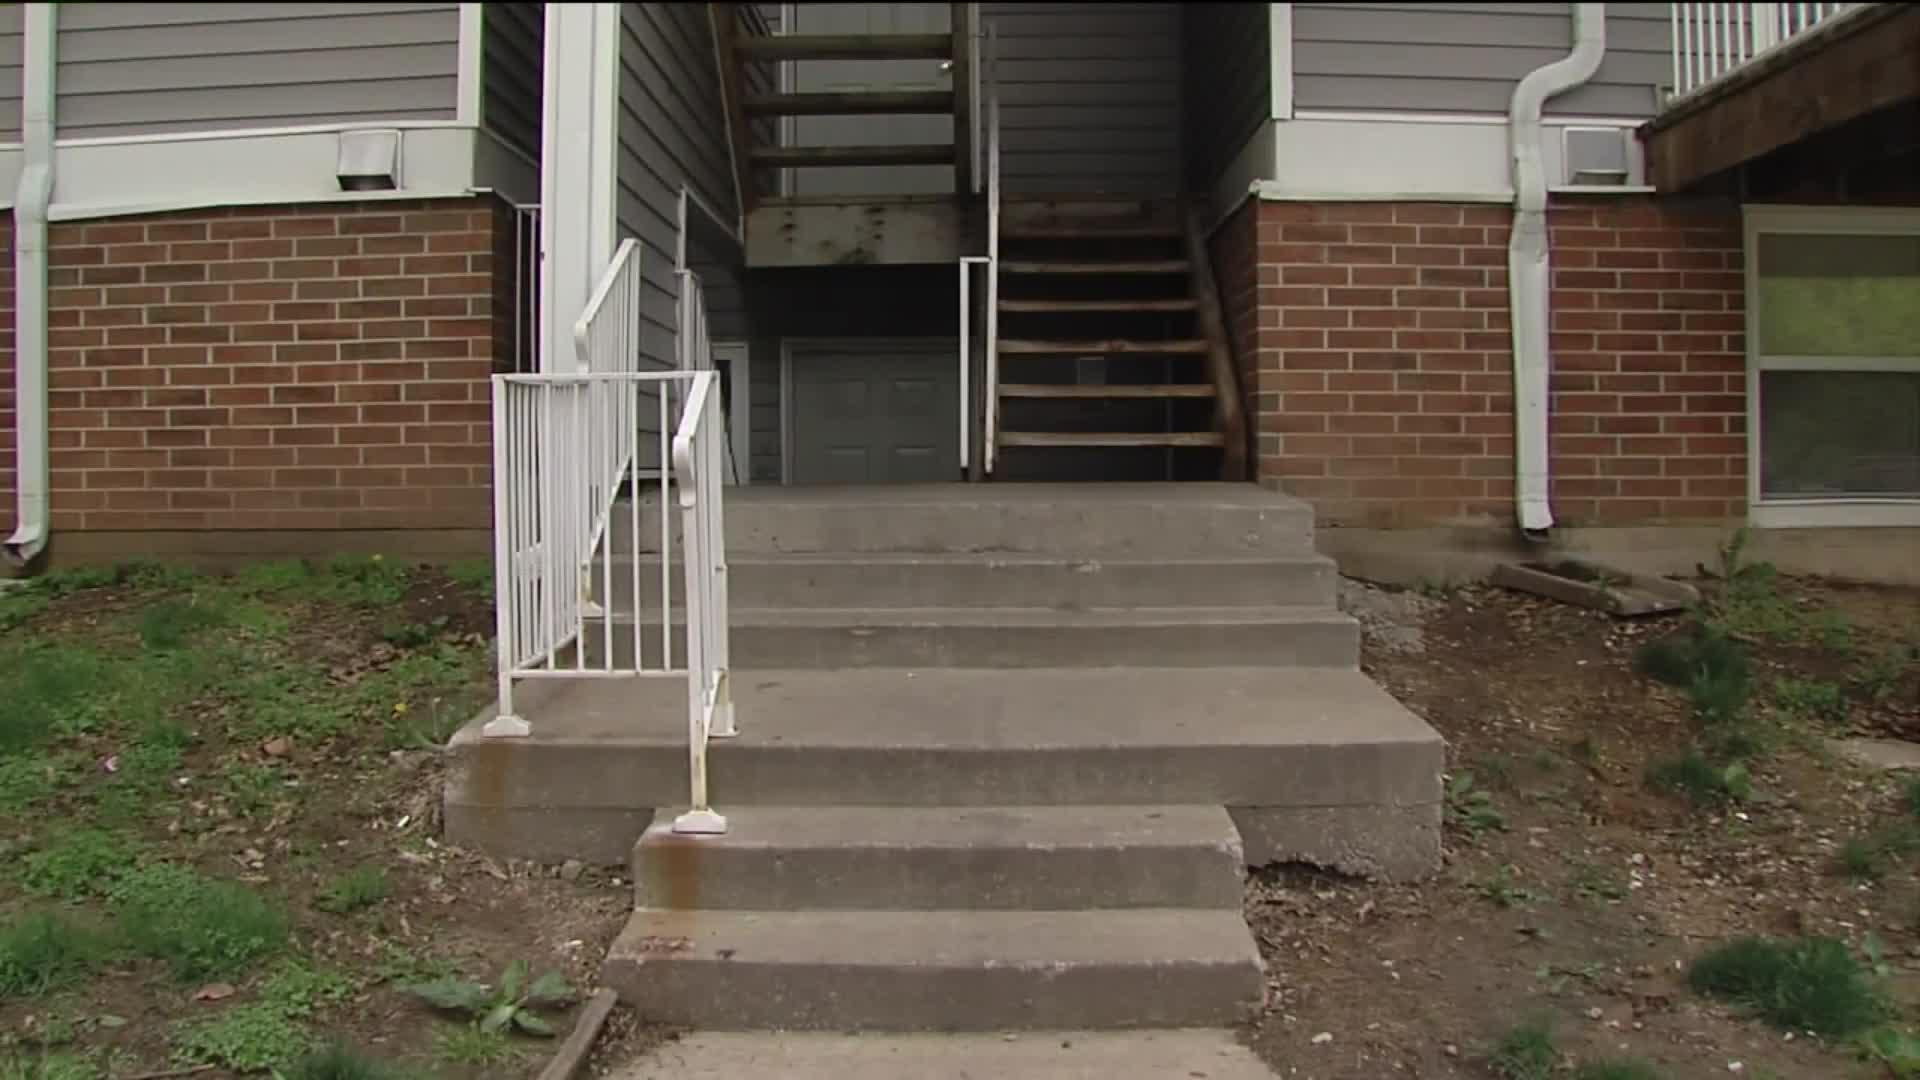 Terrified Teens Spot Home Intruder Hiding Behind Bathroom Door